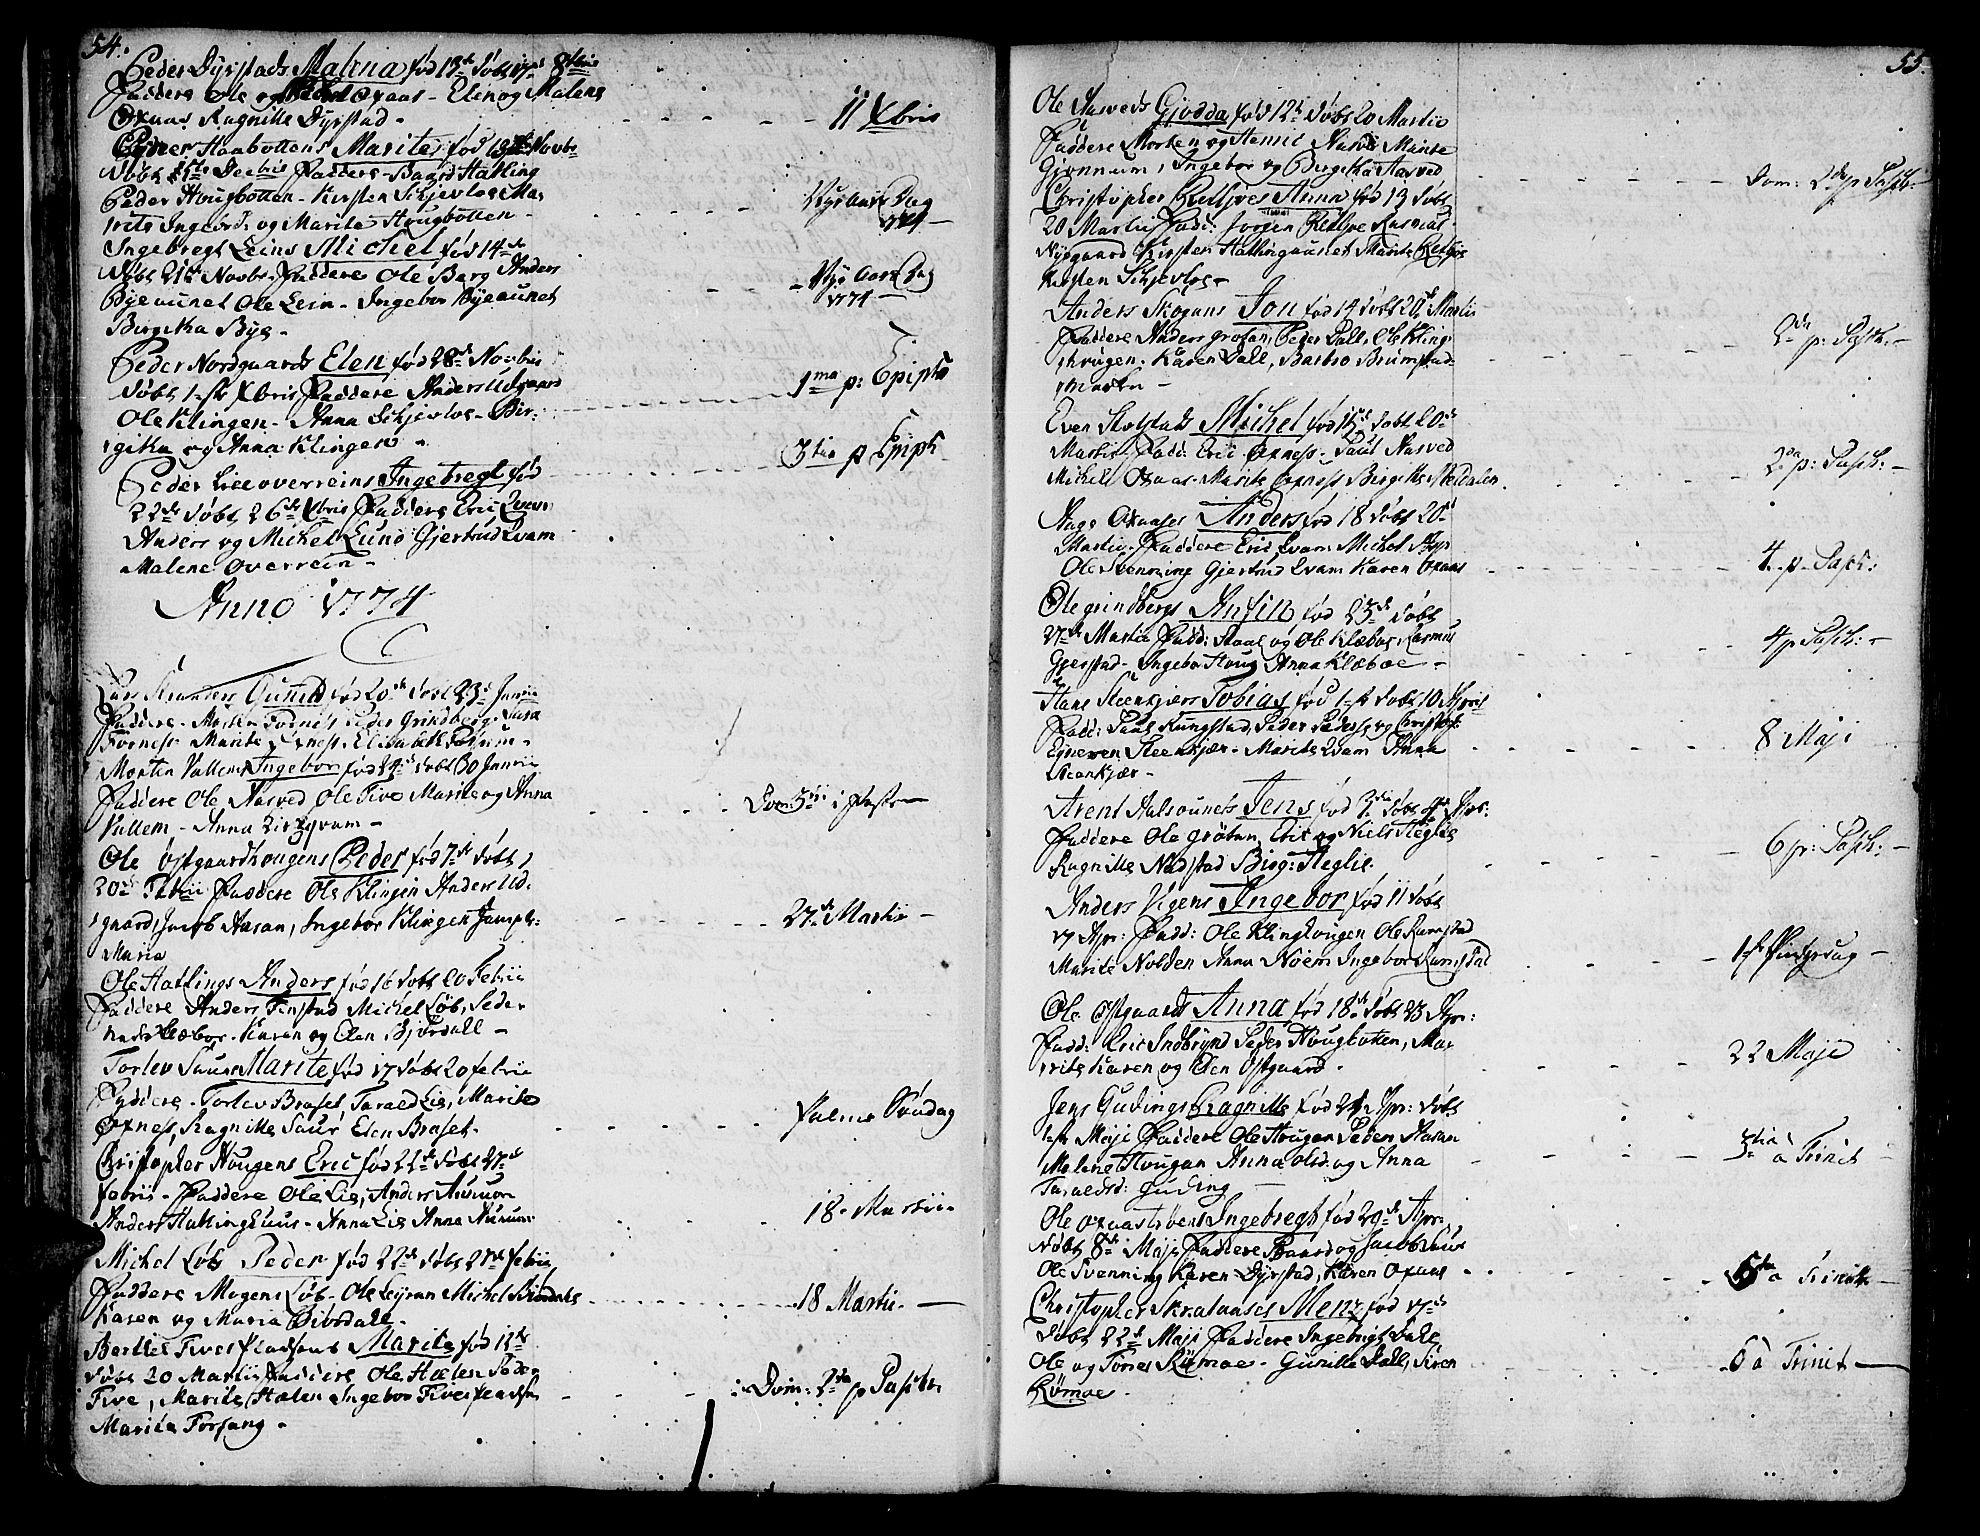 SAT, Ministerialprotokoller, klokkerbøker og fødselsregistre - Nord-Trøndelag, 746/L0440: Ministerialbok nr. 746A02, 1760-1815, s. 54-55